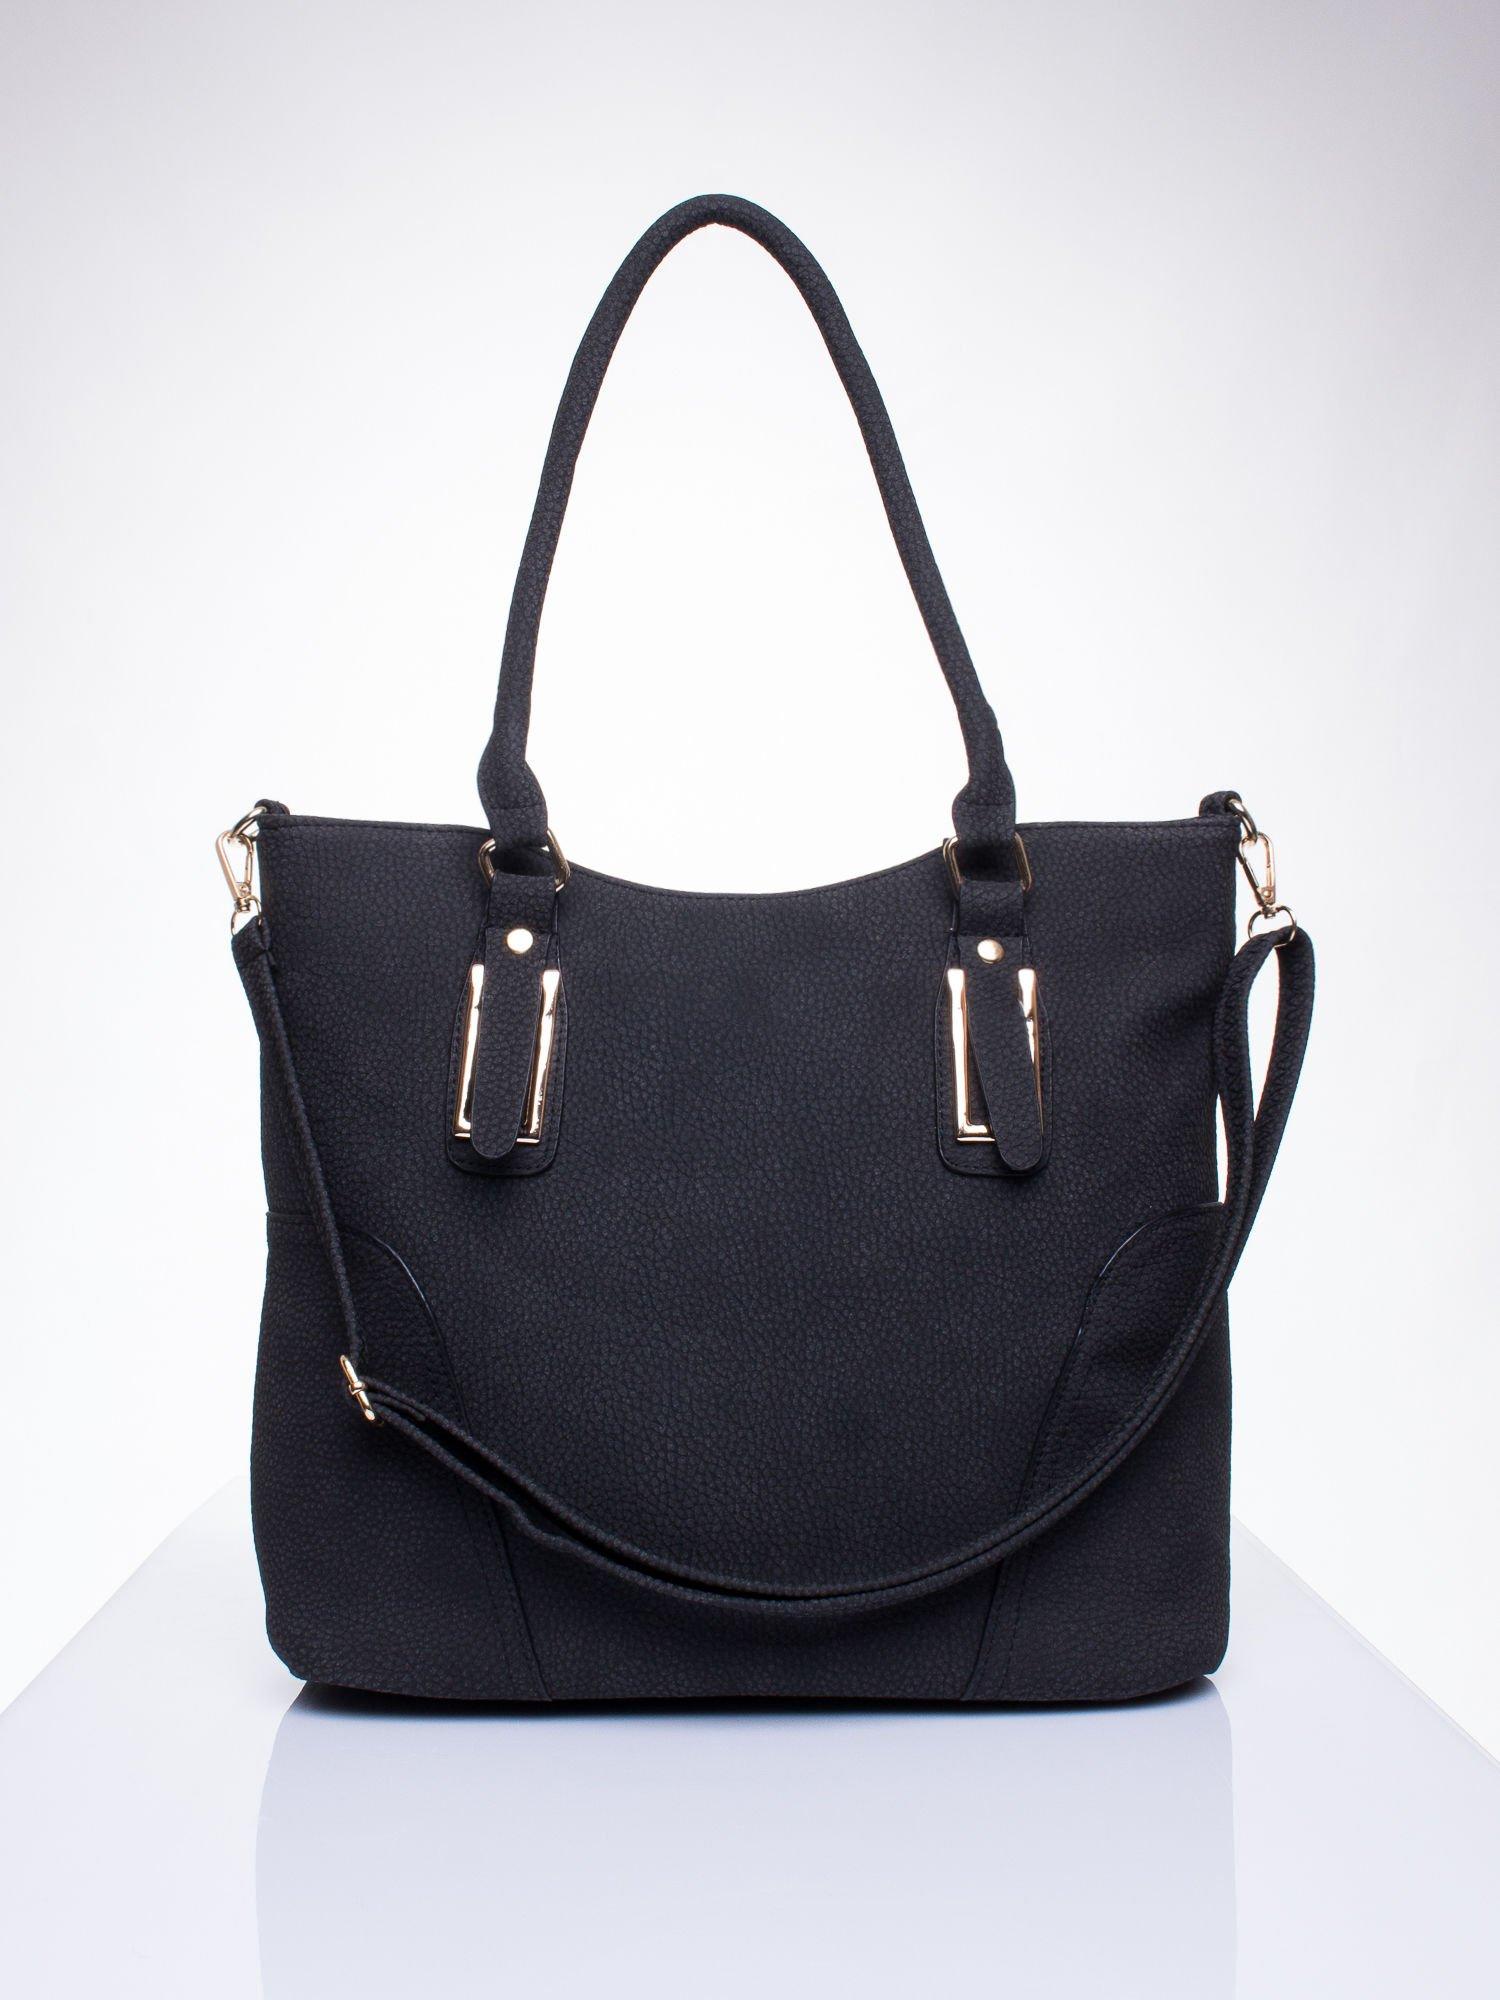 Czarna torba shopper bag ze złotymi okuciami przy rączkach                                  zdj.                                  1